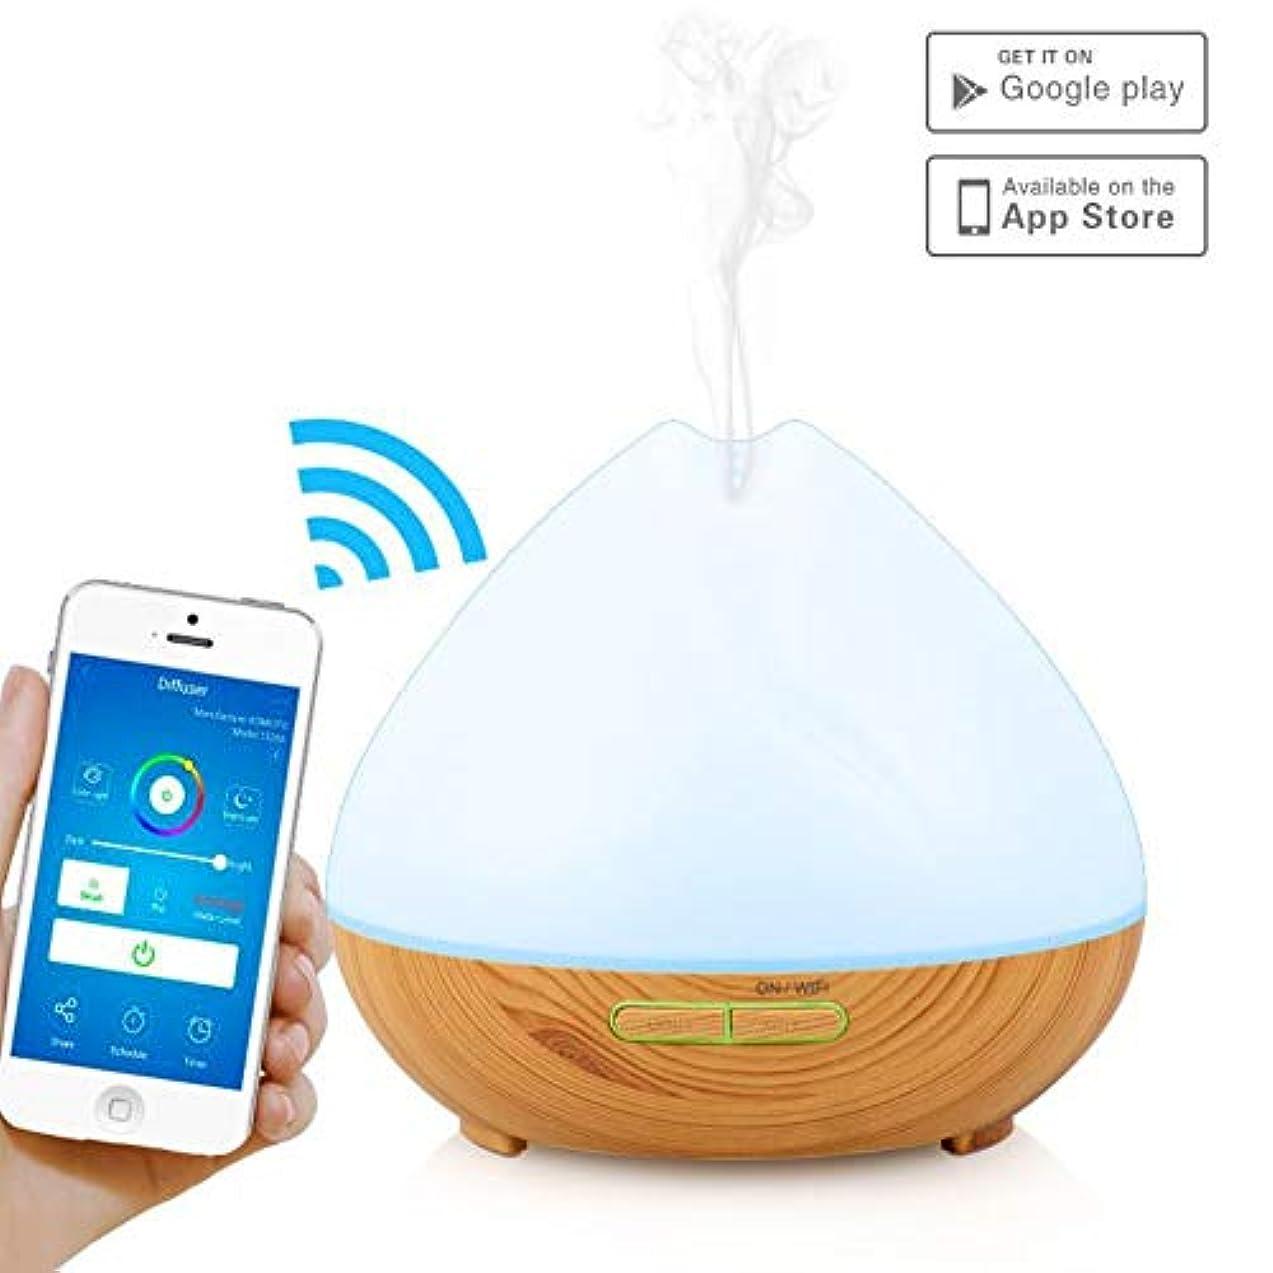 スマートWifiワイヤレスエッセンシャルオイルアロマセラピー400 ml超音波ディフューザーと加湿器AlexaとGoogle自宅電話アプリと音声制御-スケジュールの作成-LEDとタイマー設定